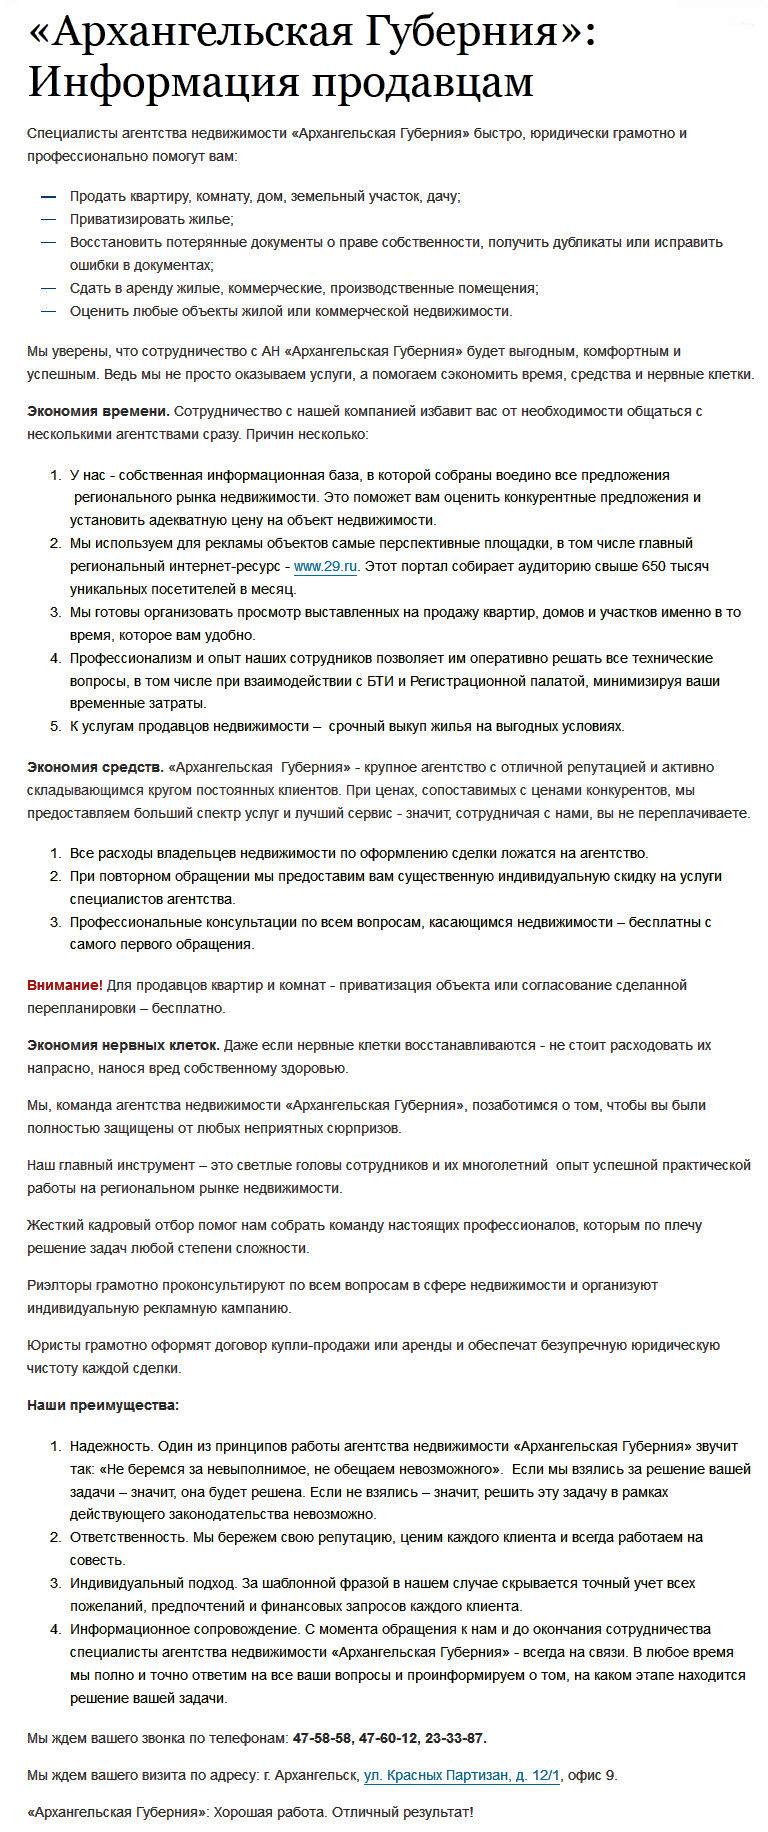 """""""Архангельская Губерния"""" - информация продавцам недвижимости"""